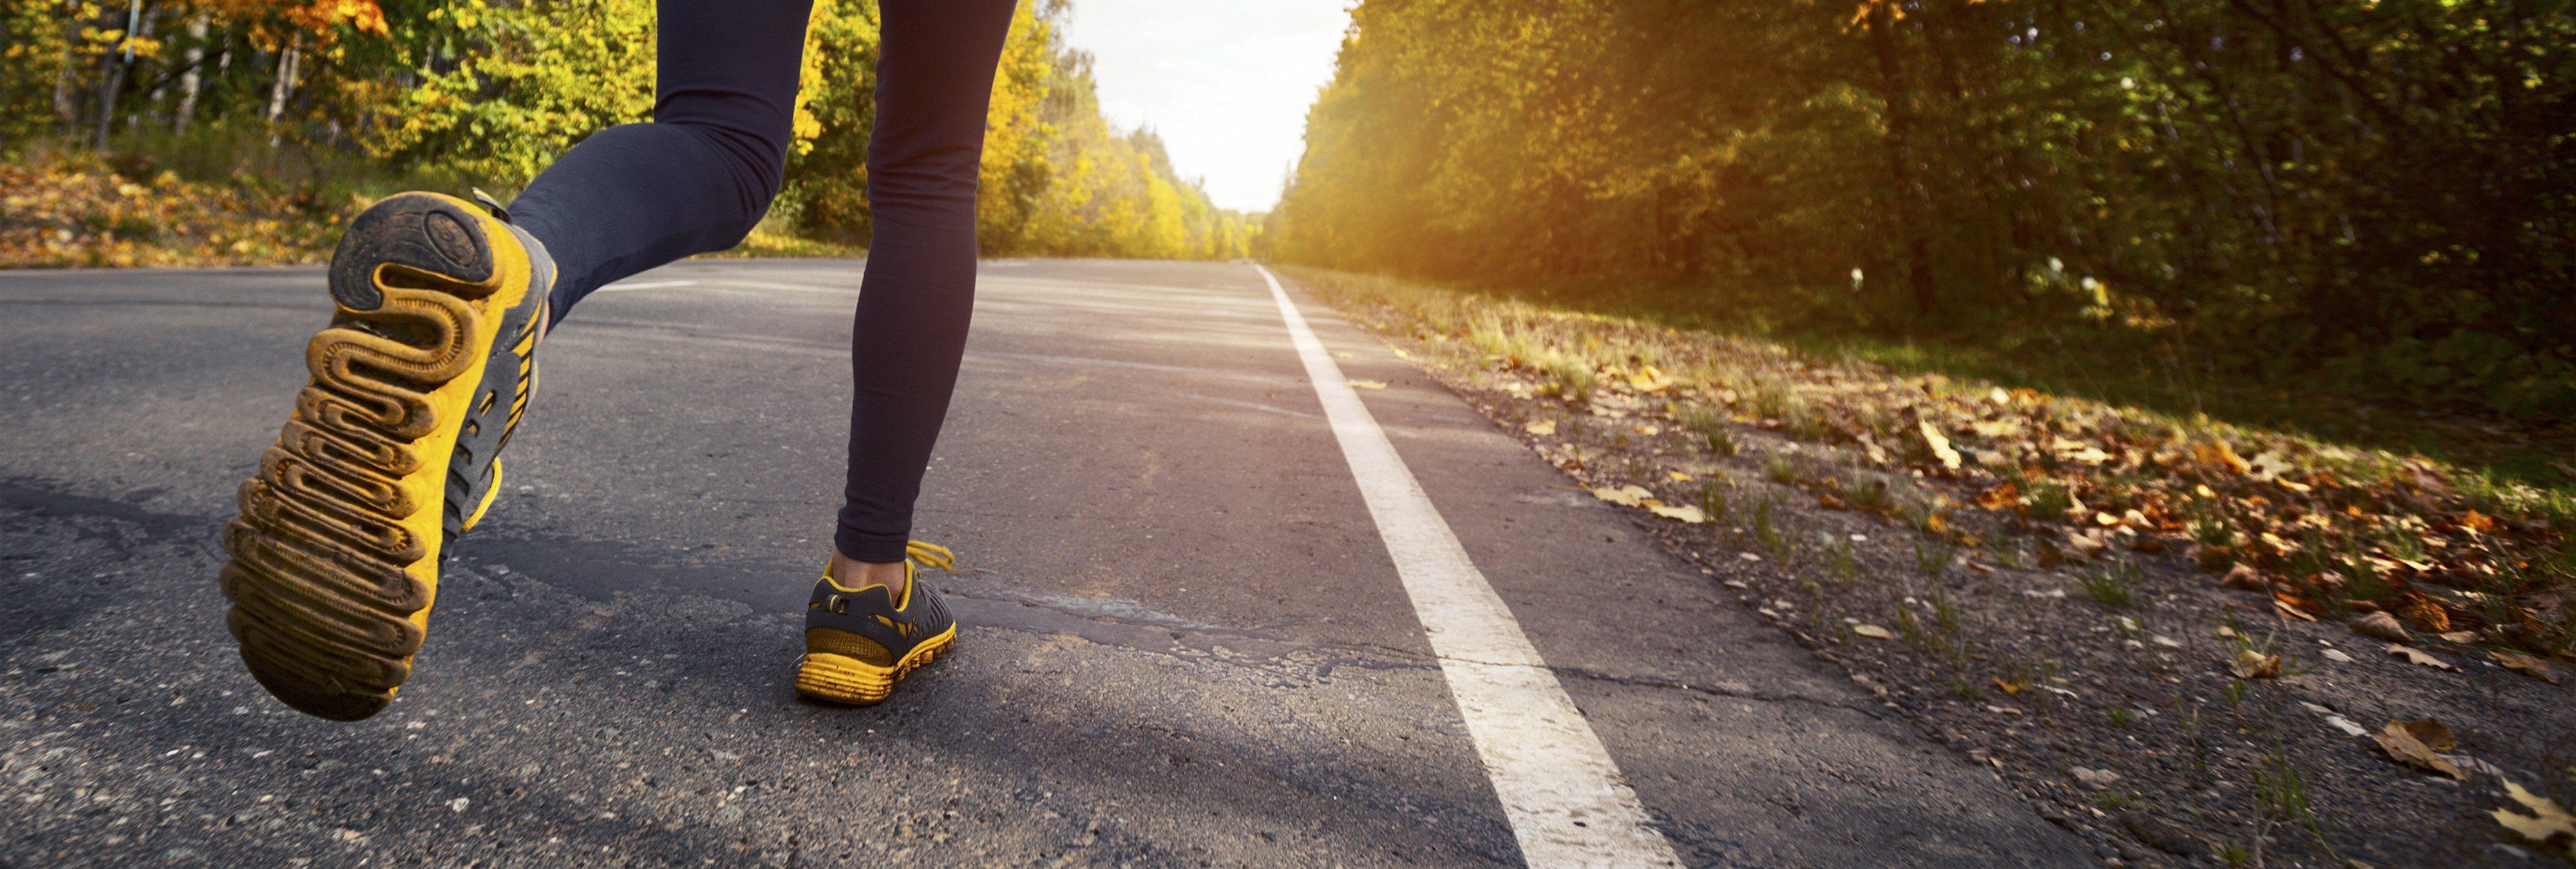 Lanzan unas zapatillas y cucharas inteligentes que avisan cuando toca empezar con la dieta